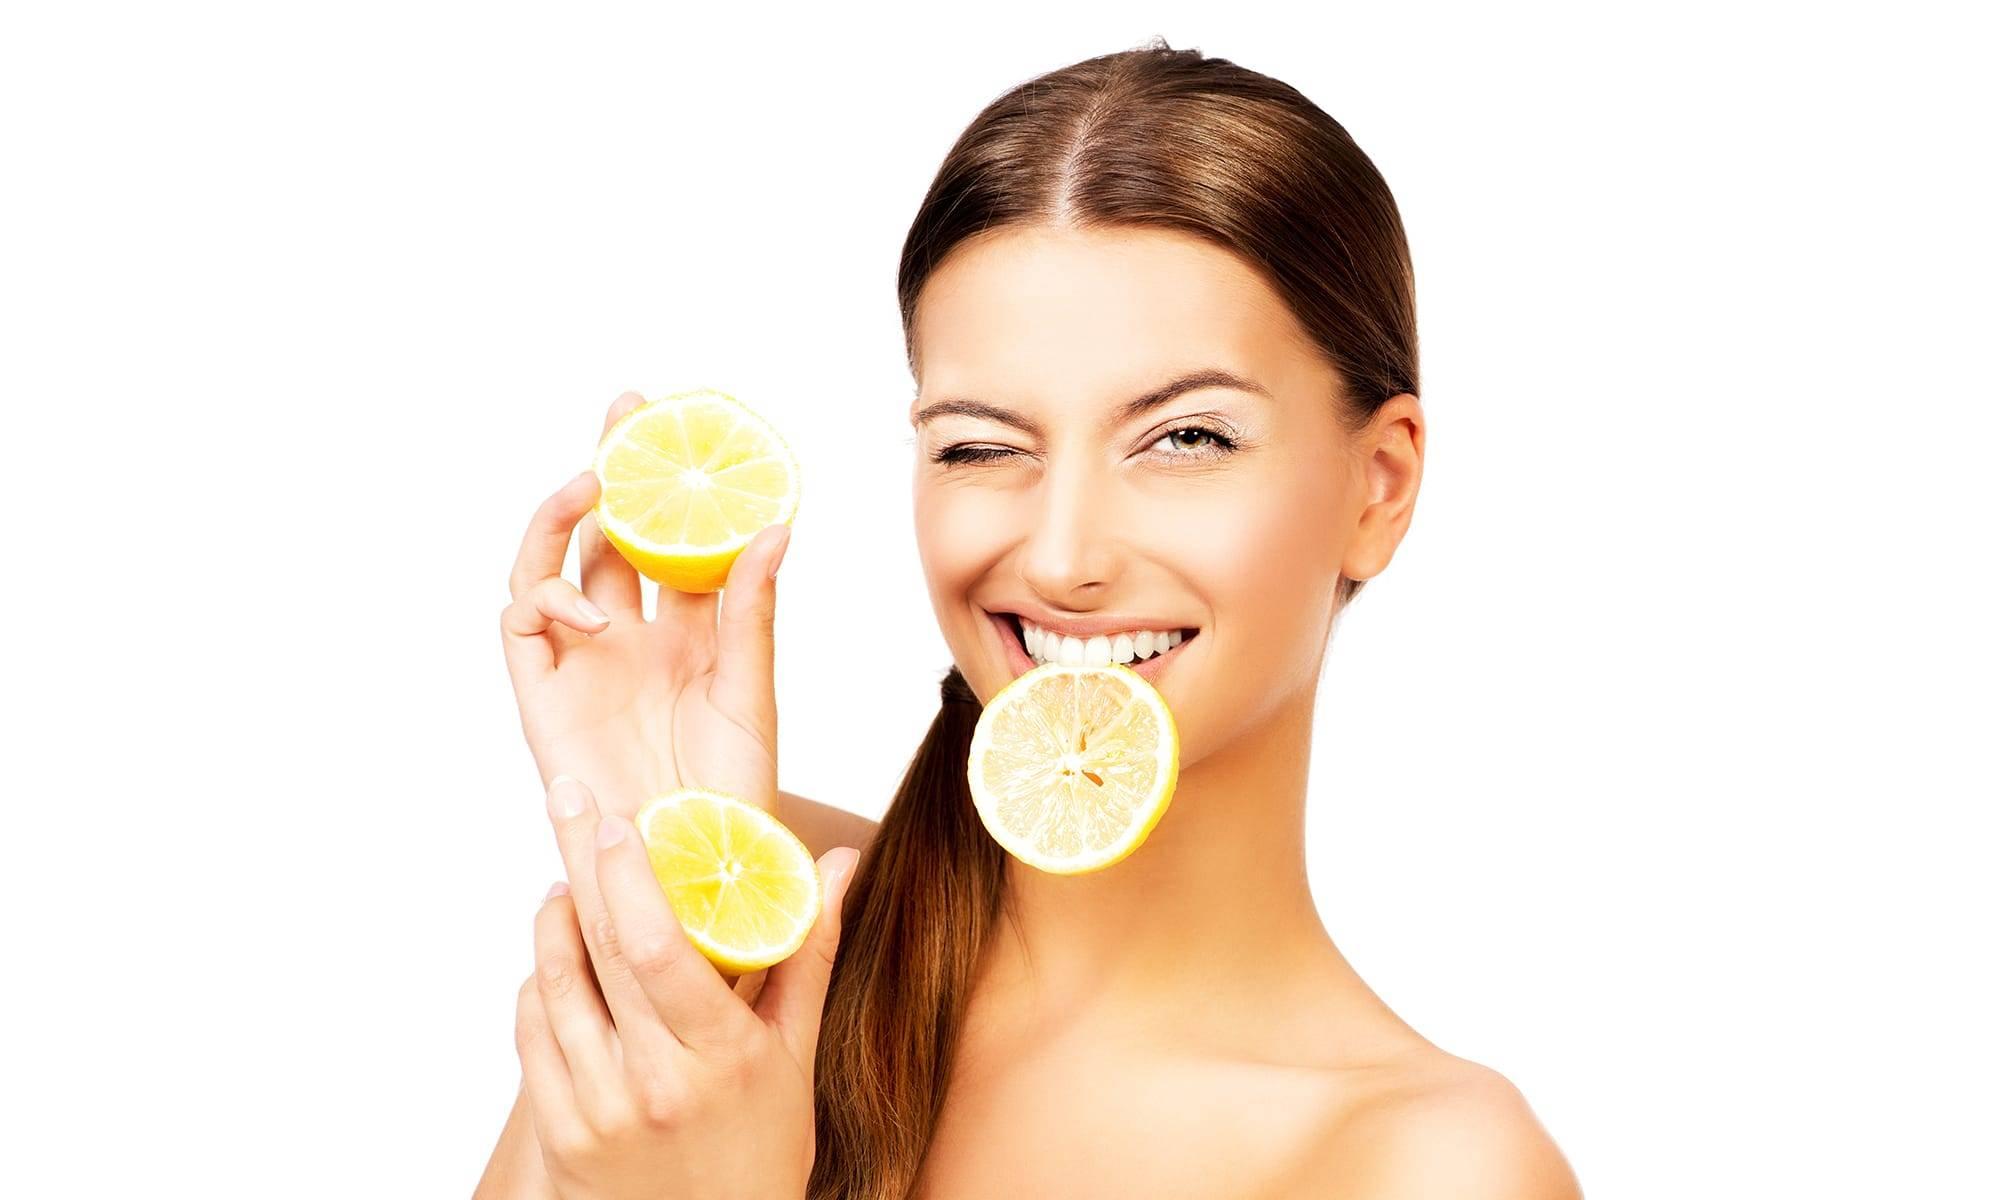 11 простых рецептов домашних средств для лица с лимонным соком